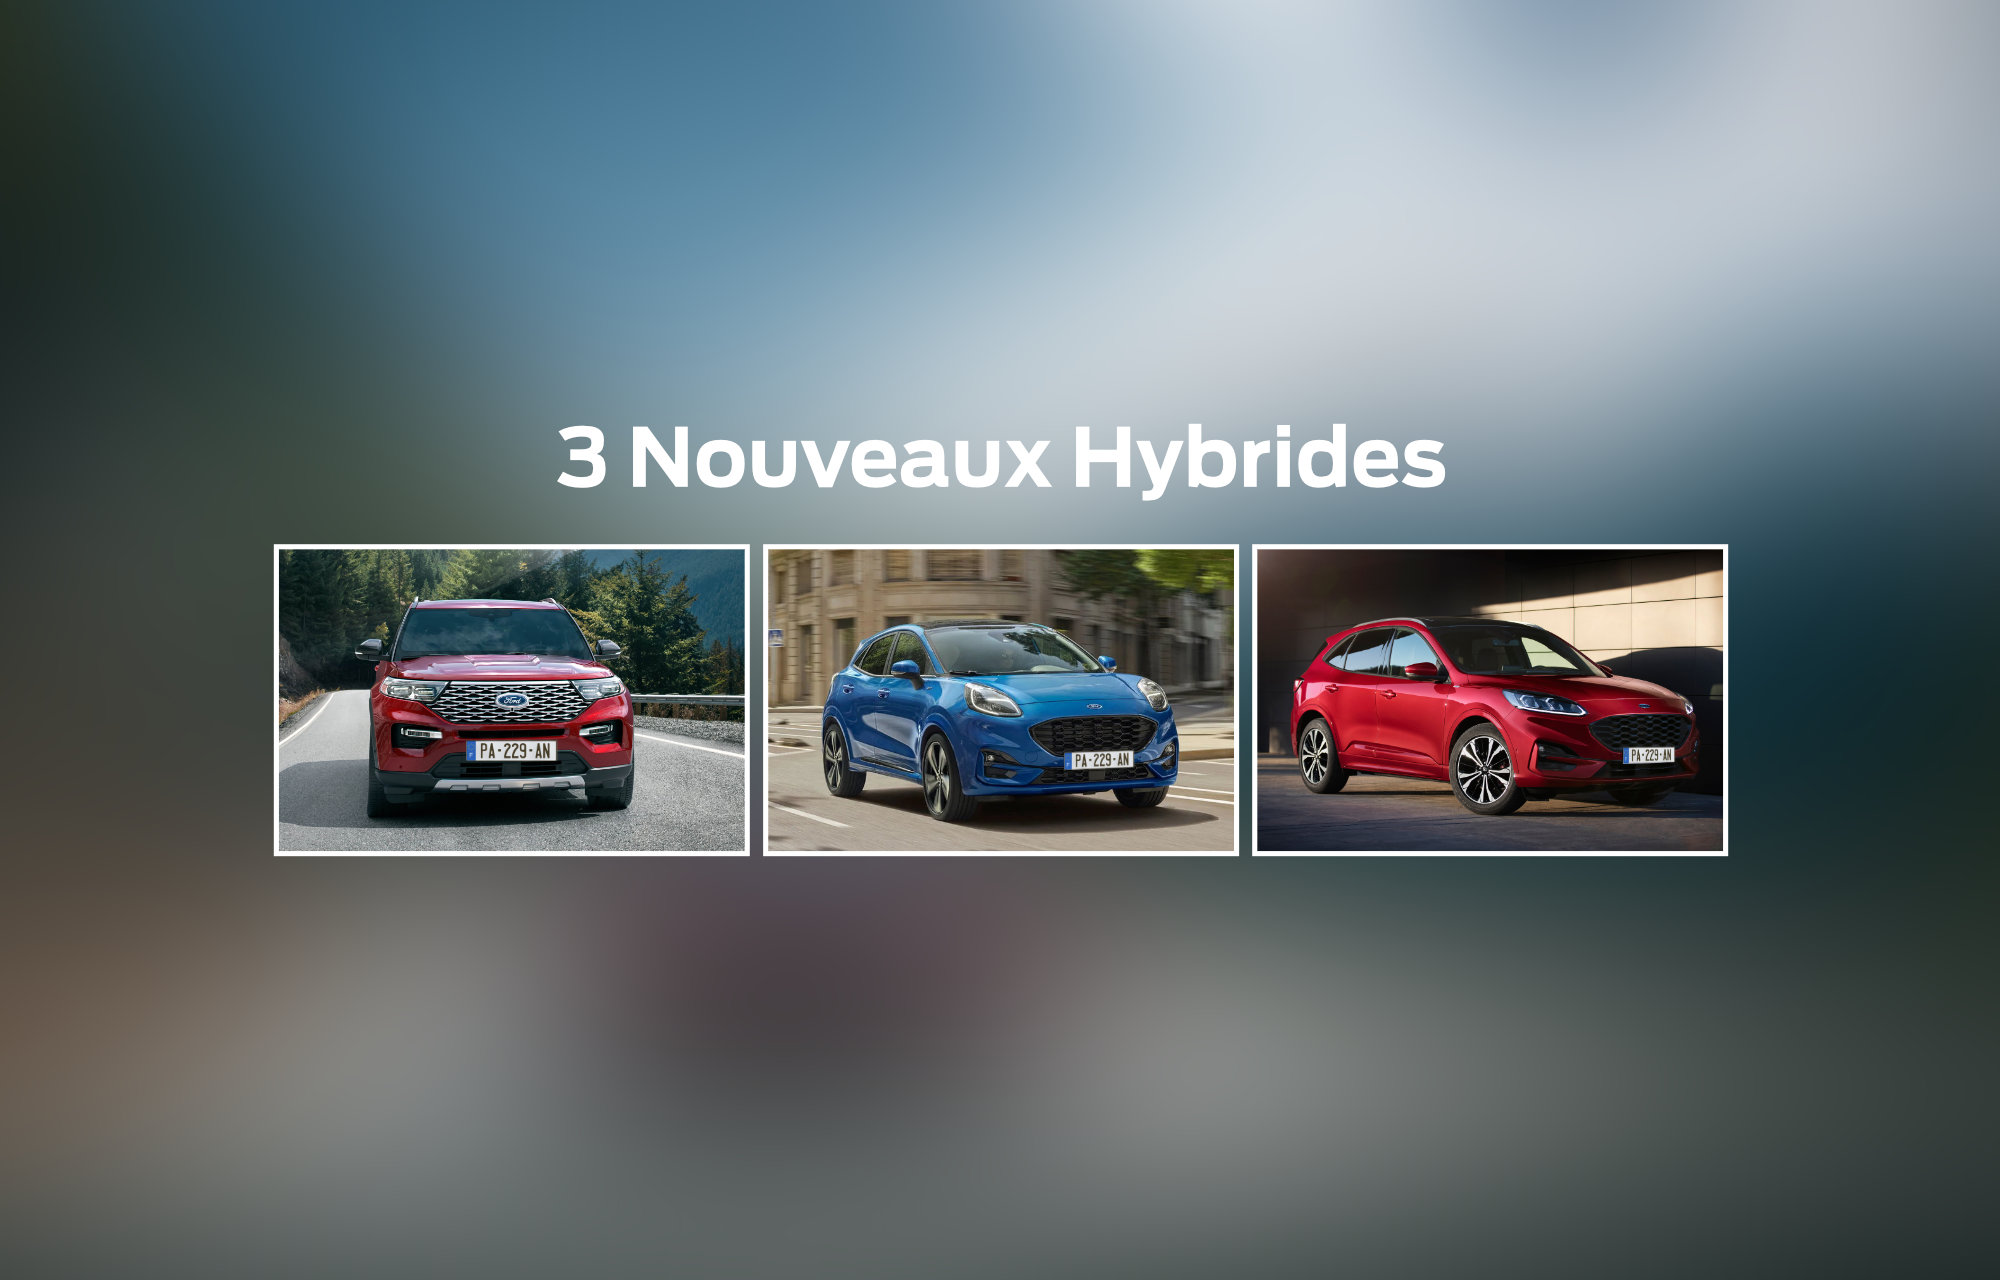 Découvrez les **3 nouveaux hybrides** de Ford dans notre concession de **Ford Mâcon** !